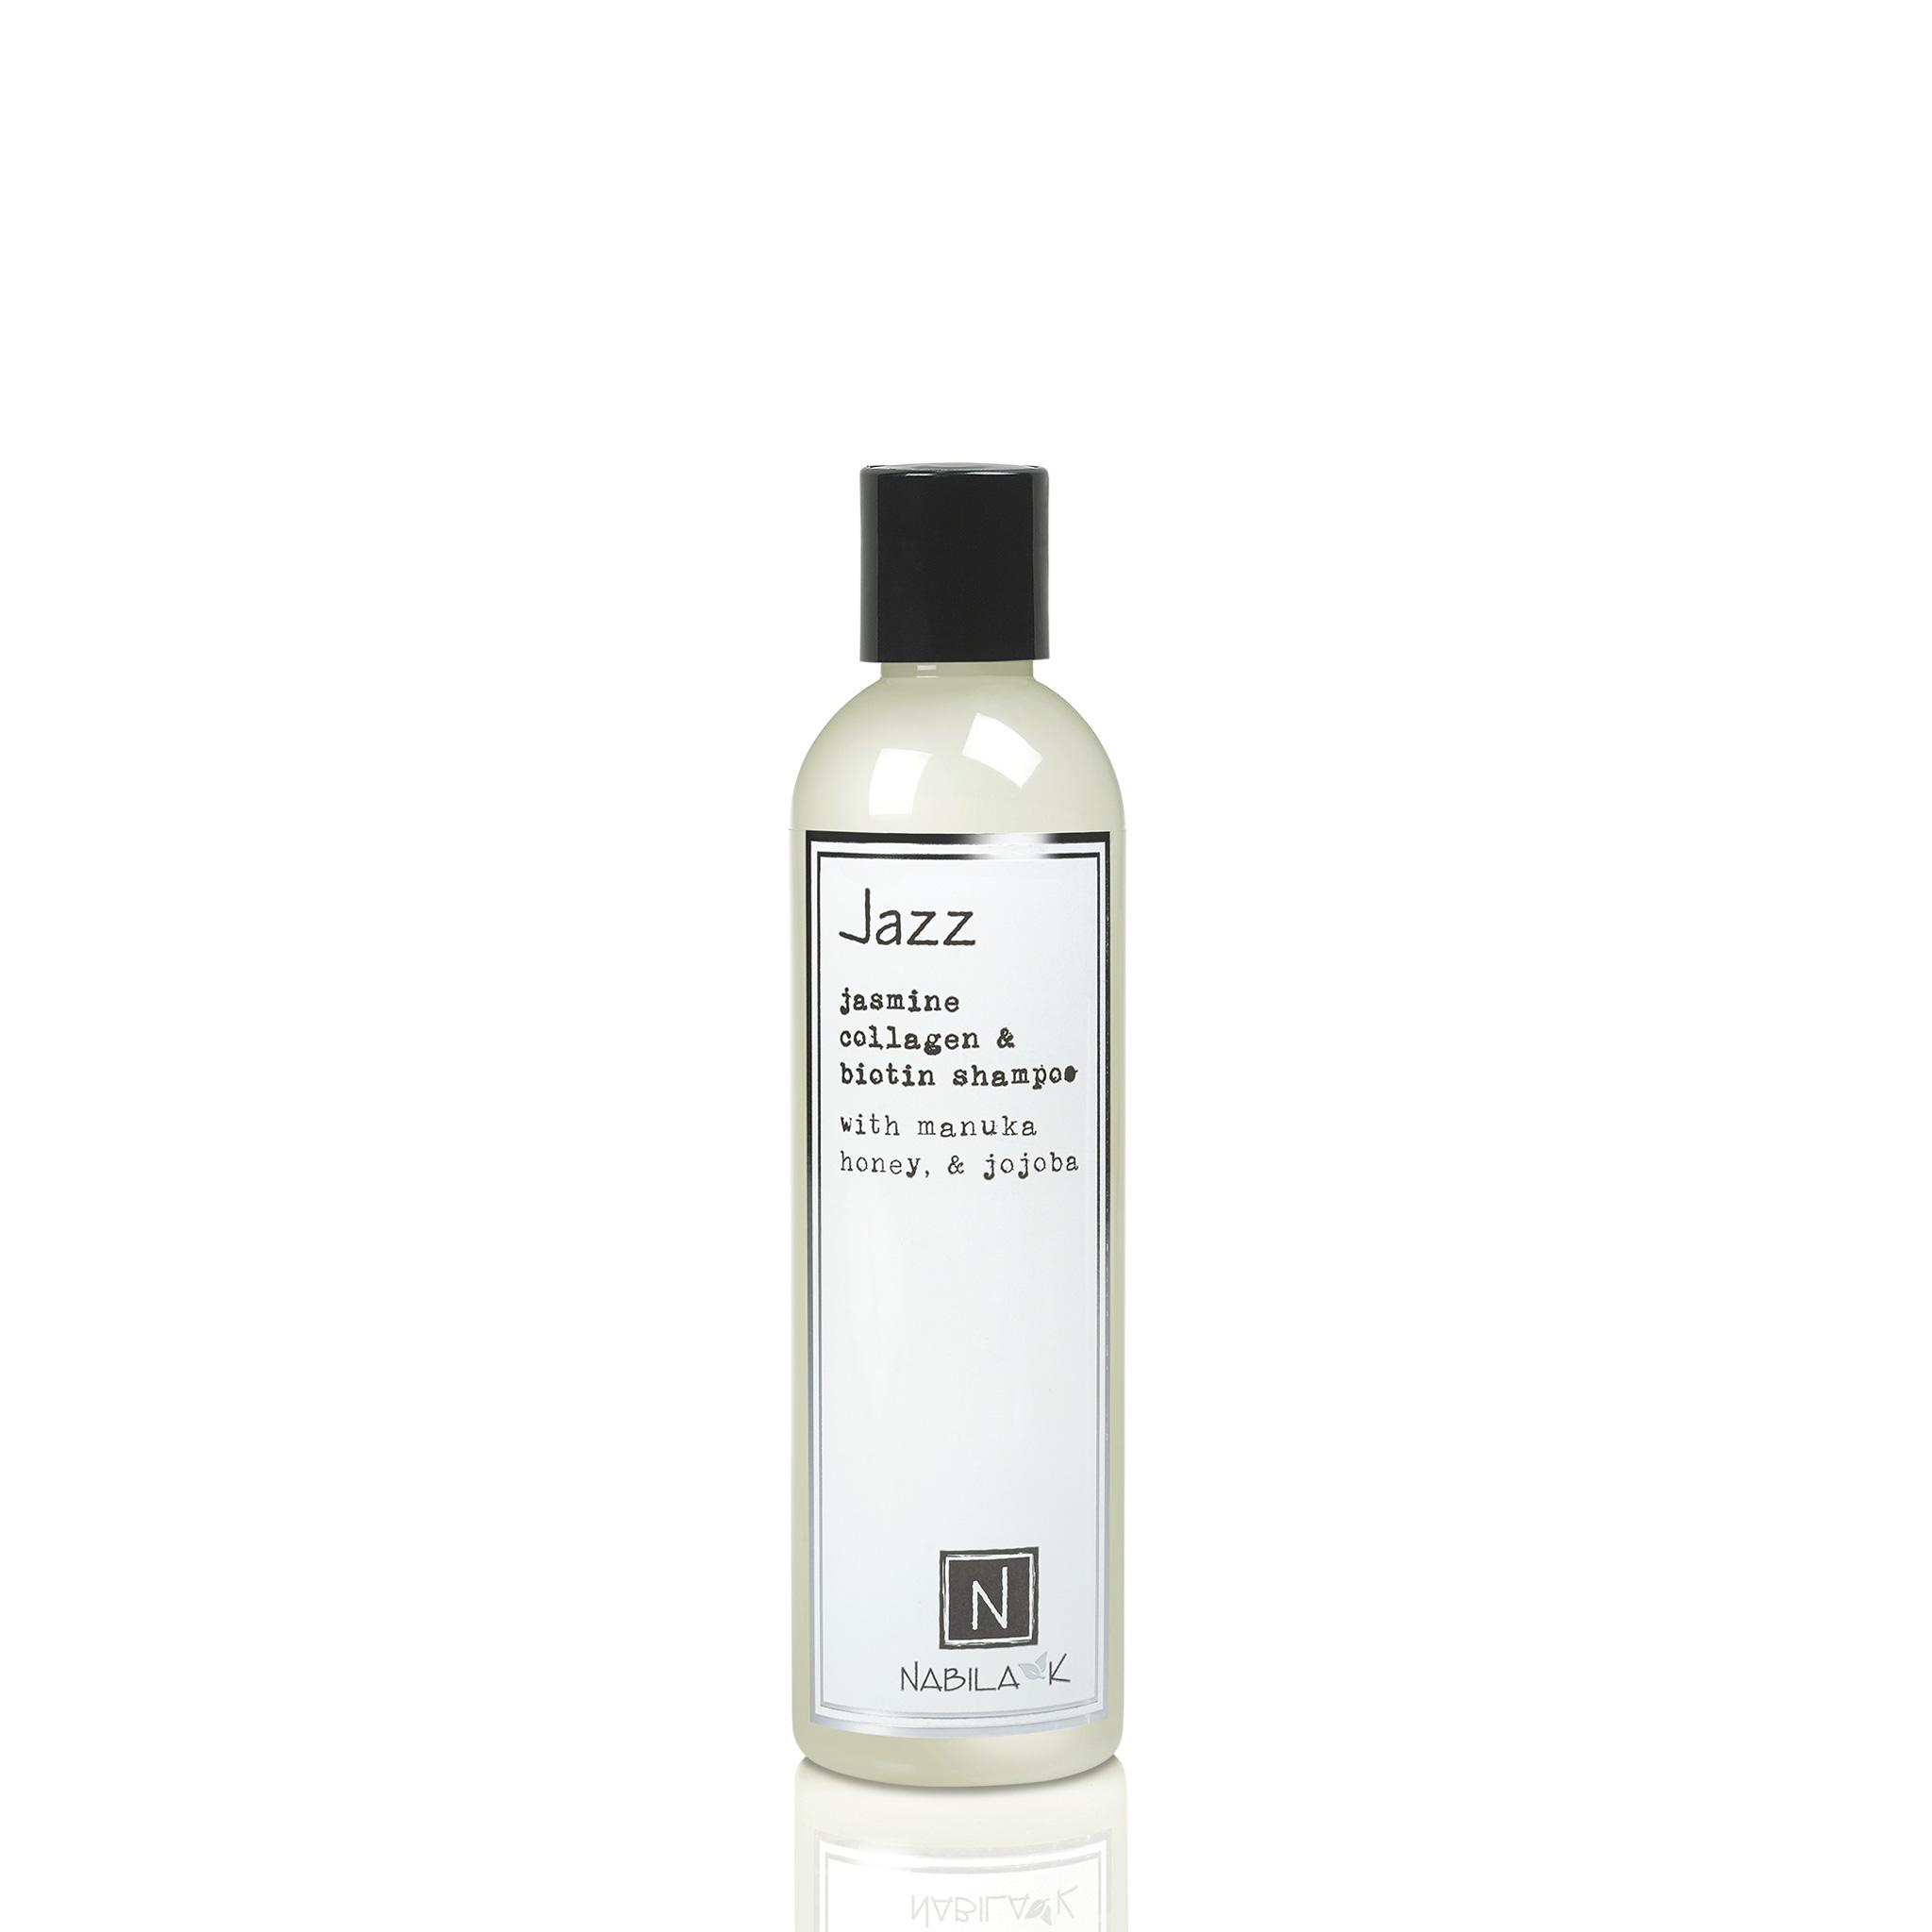 1 Large Sized Bottle of Jasmine Collagen and Biotin Shampoo with Maunka Honey and Jojoba